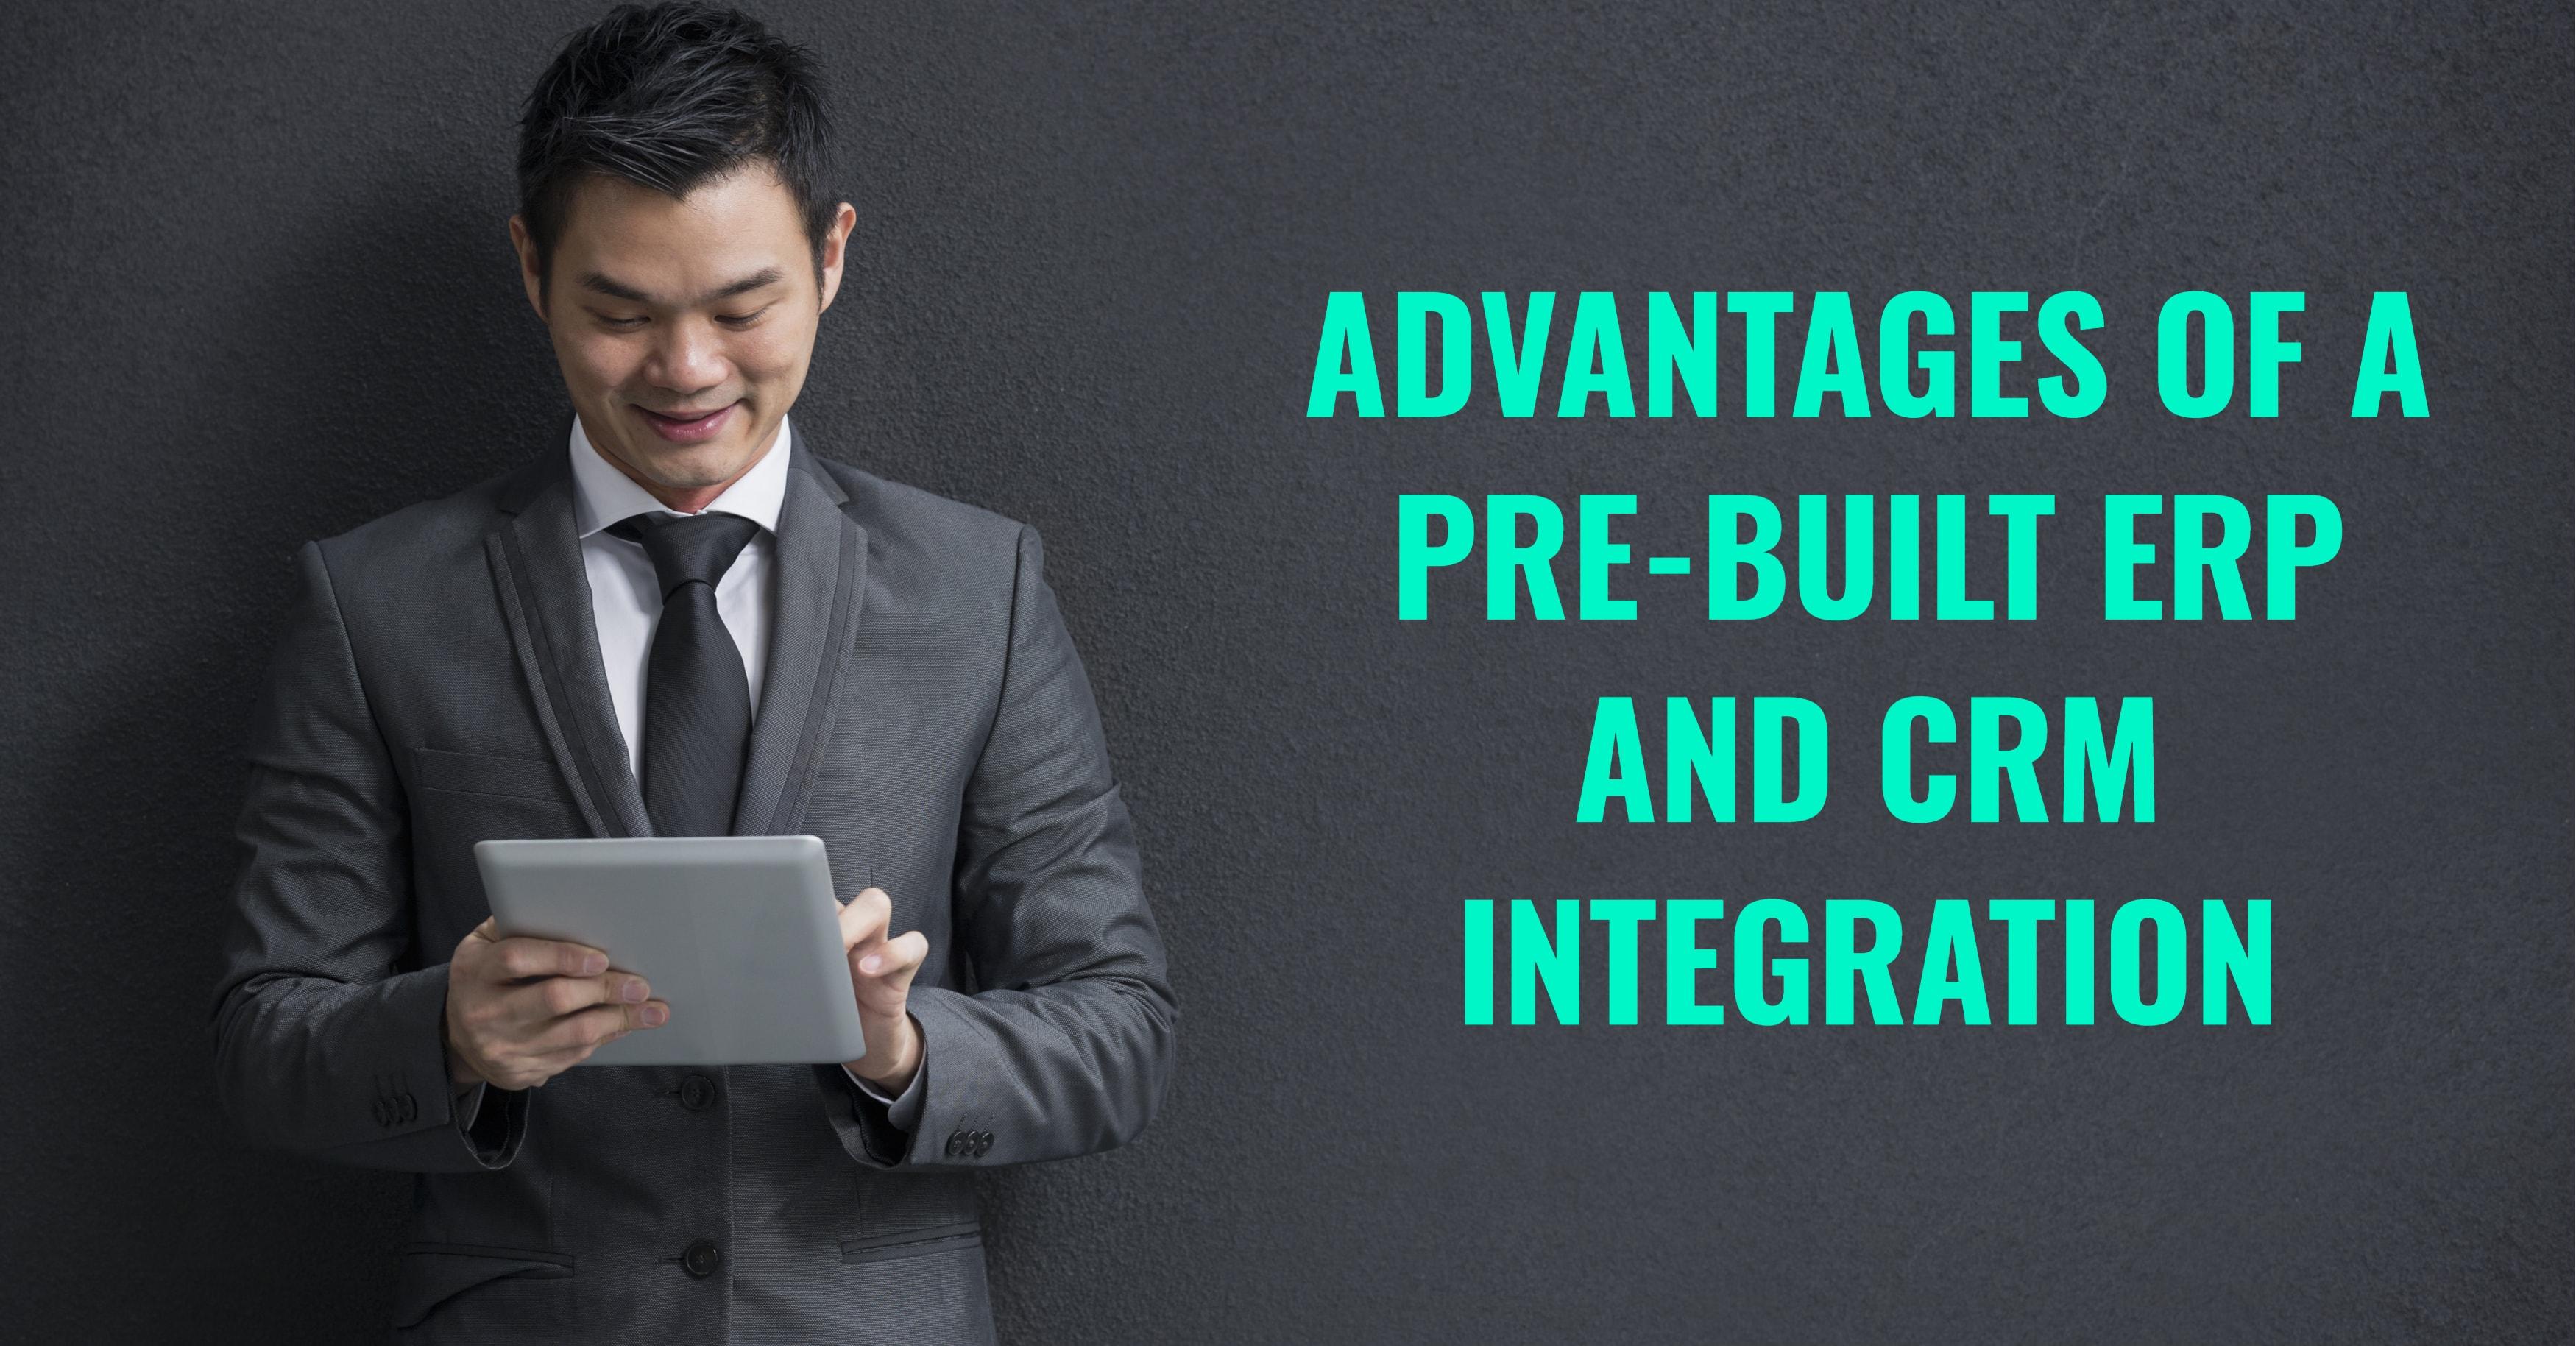 Pre-Built ERP CRM Integration